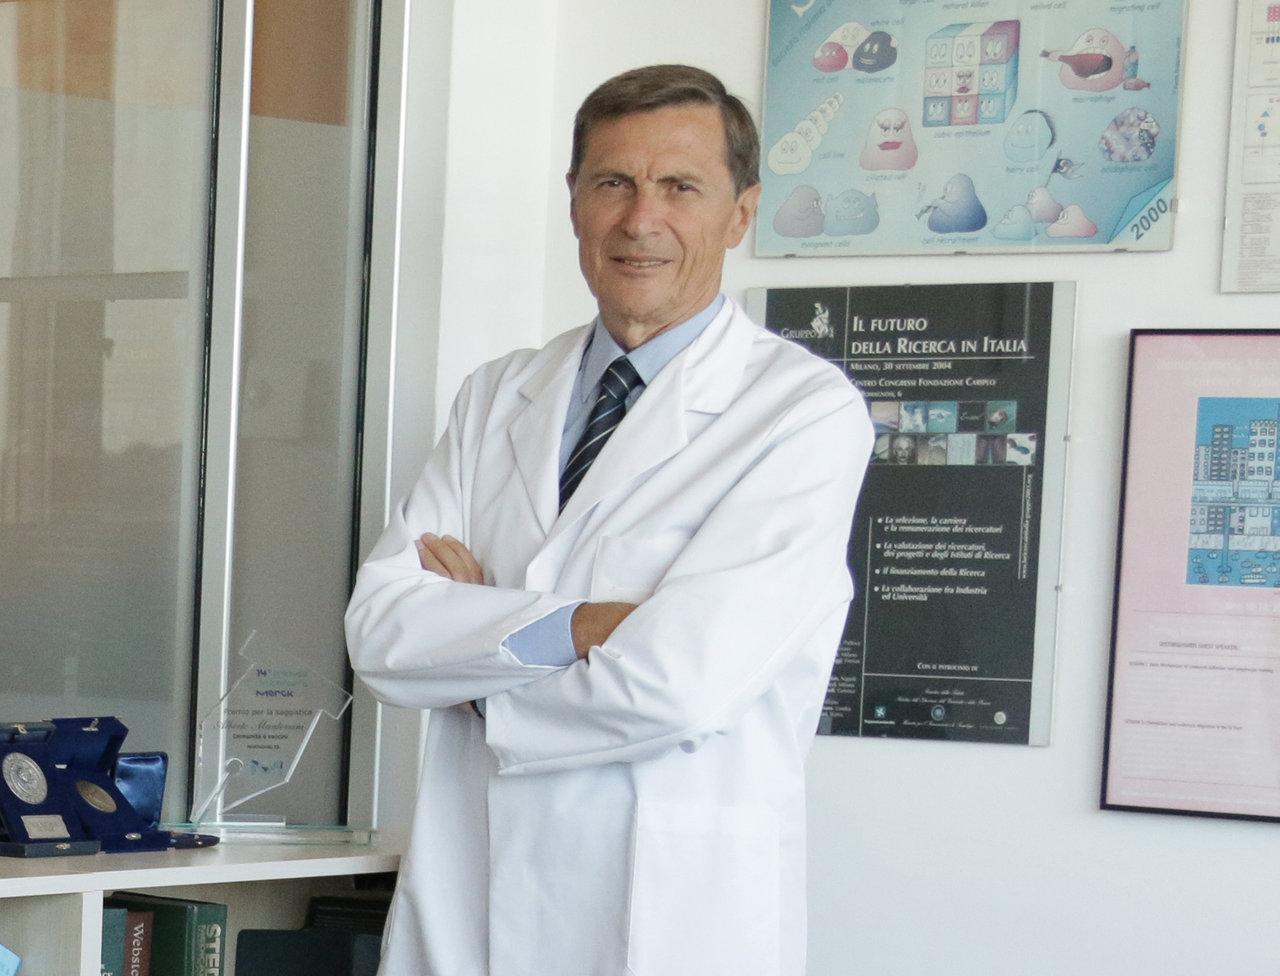 ドルチェ&ガッバーナがコロナウイルス研究のため資金援助を ...